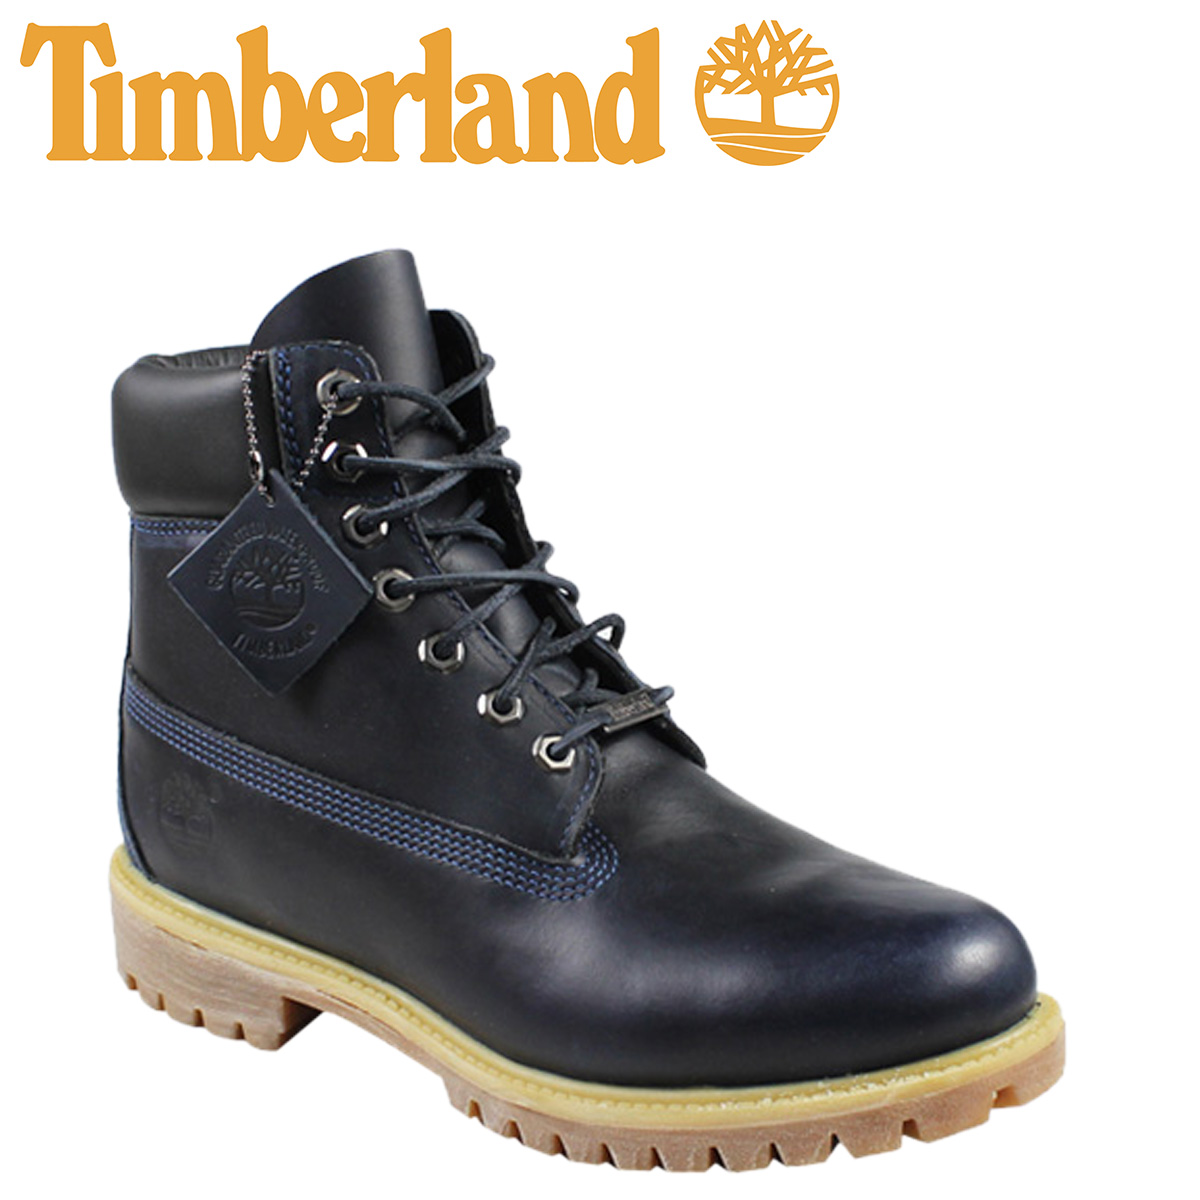 e30405902 Point 2 x waterproof Timberland Timberland 6 inch premium boots INCH  PREMIUM WATERPROOF BOOTS nubuck men s 6557A Navy  3   24 new stock    regular